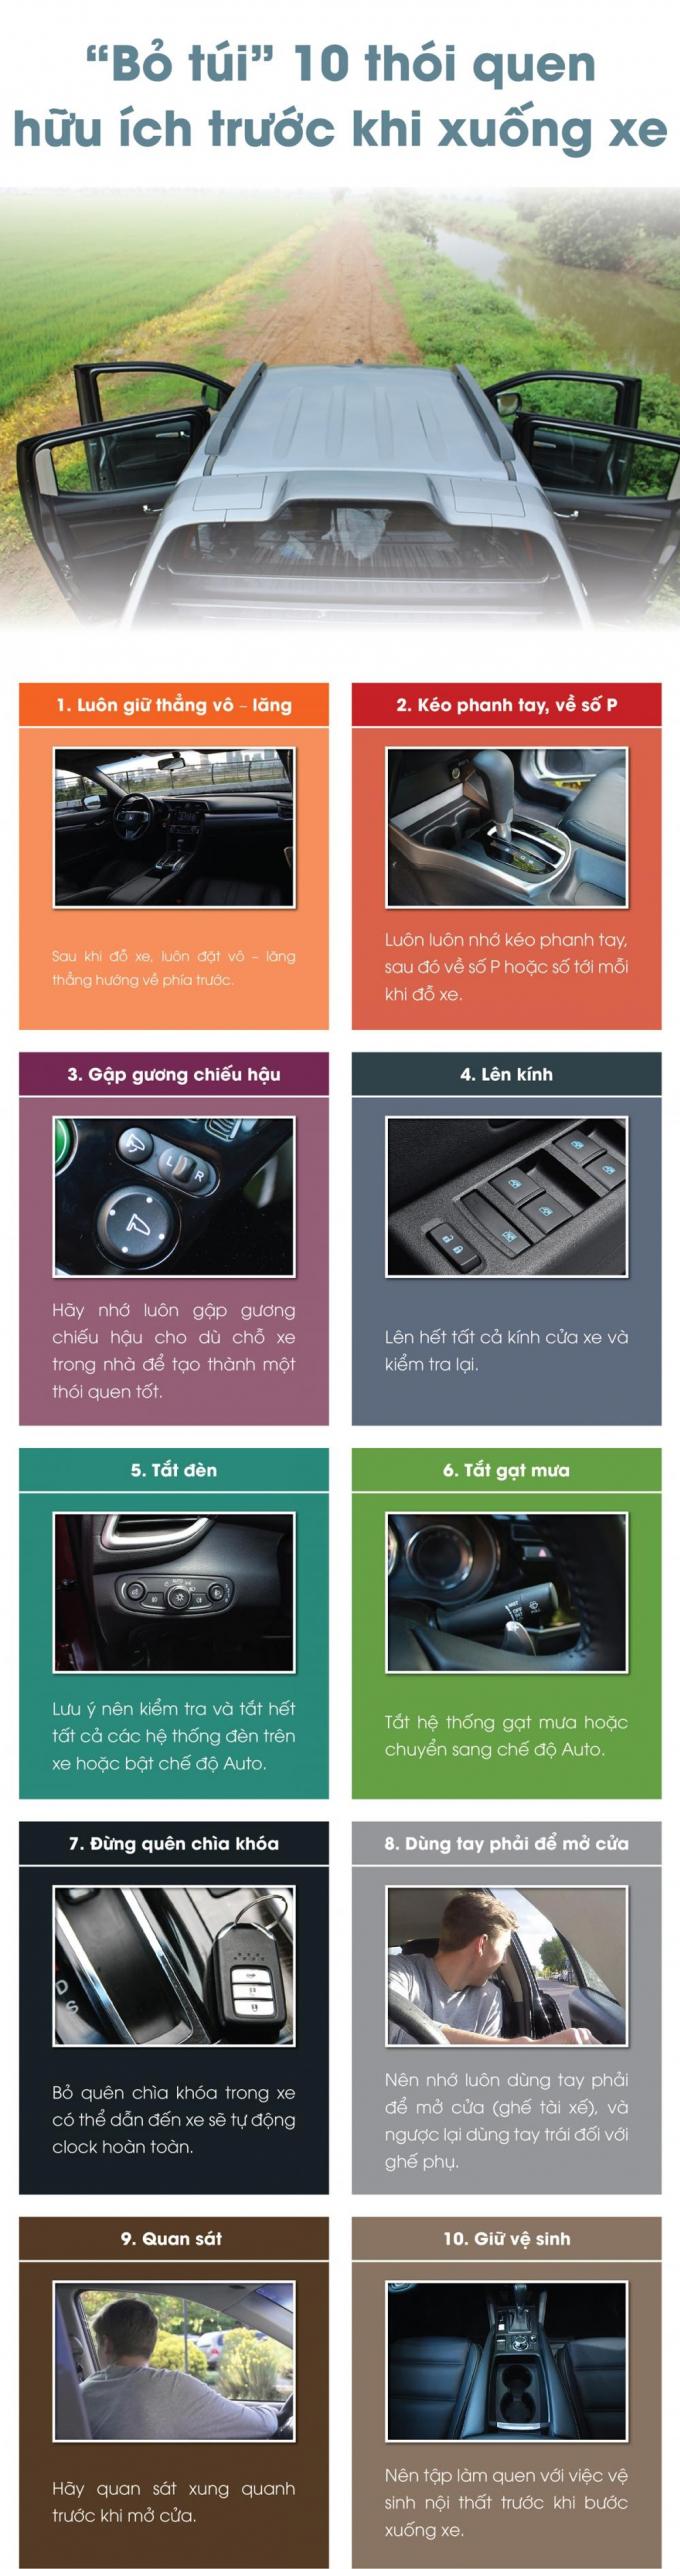 10 điều cần ghi nhớ trước khi rời ô tô